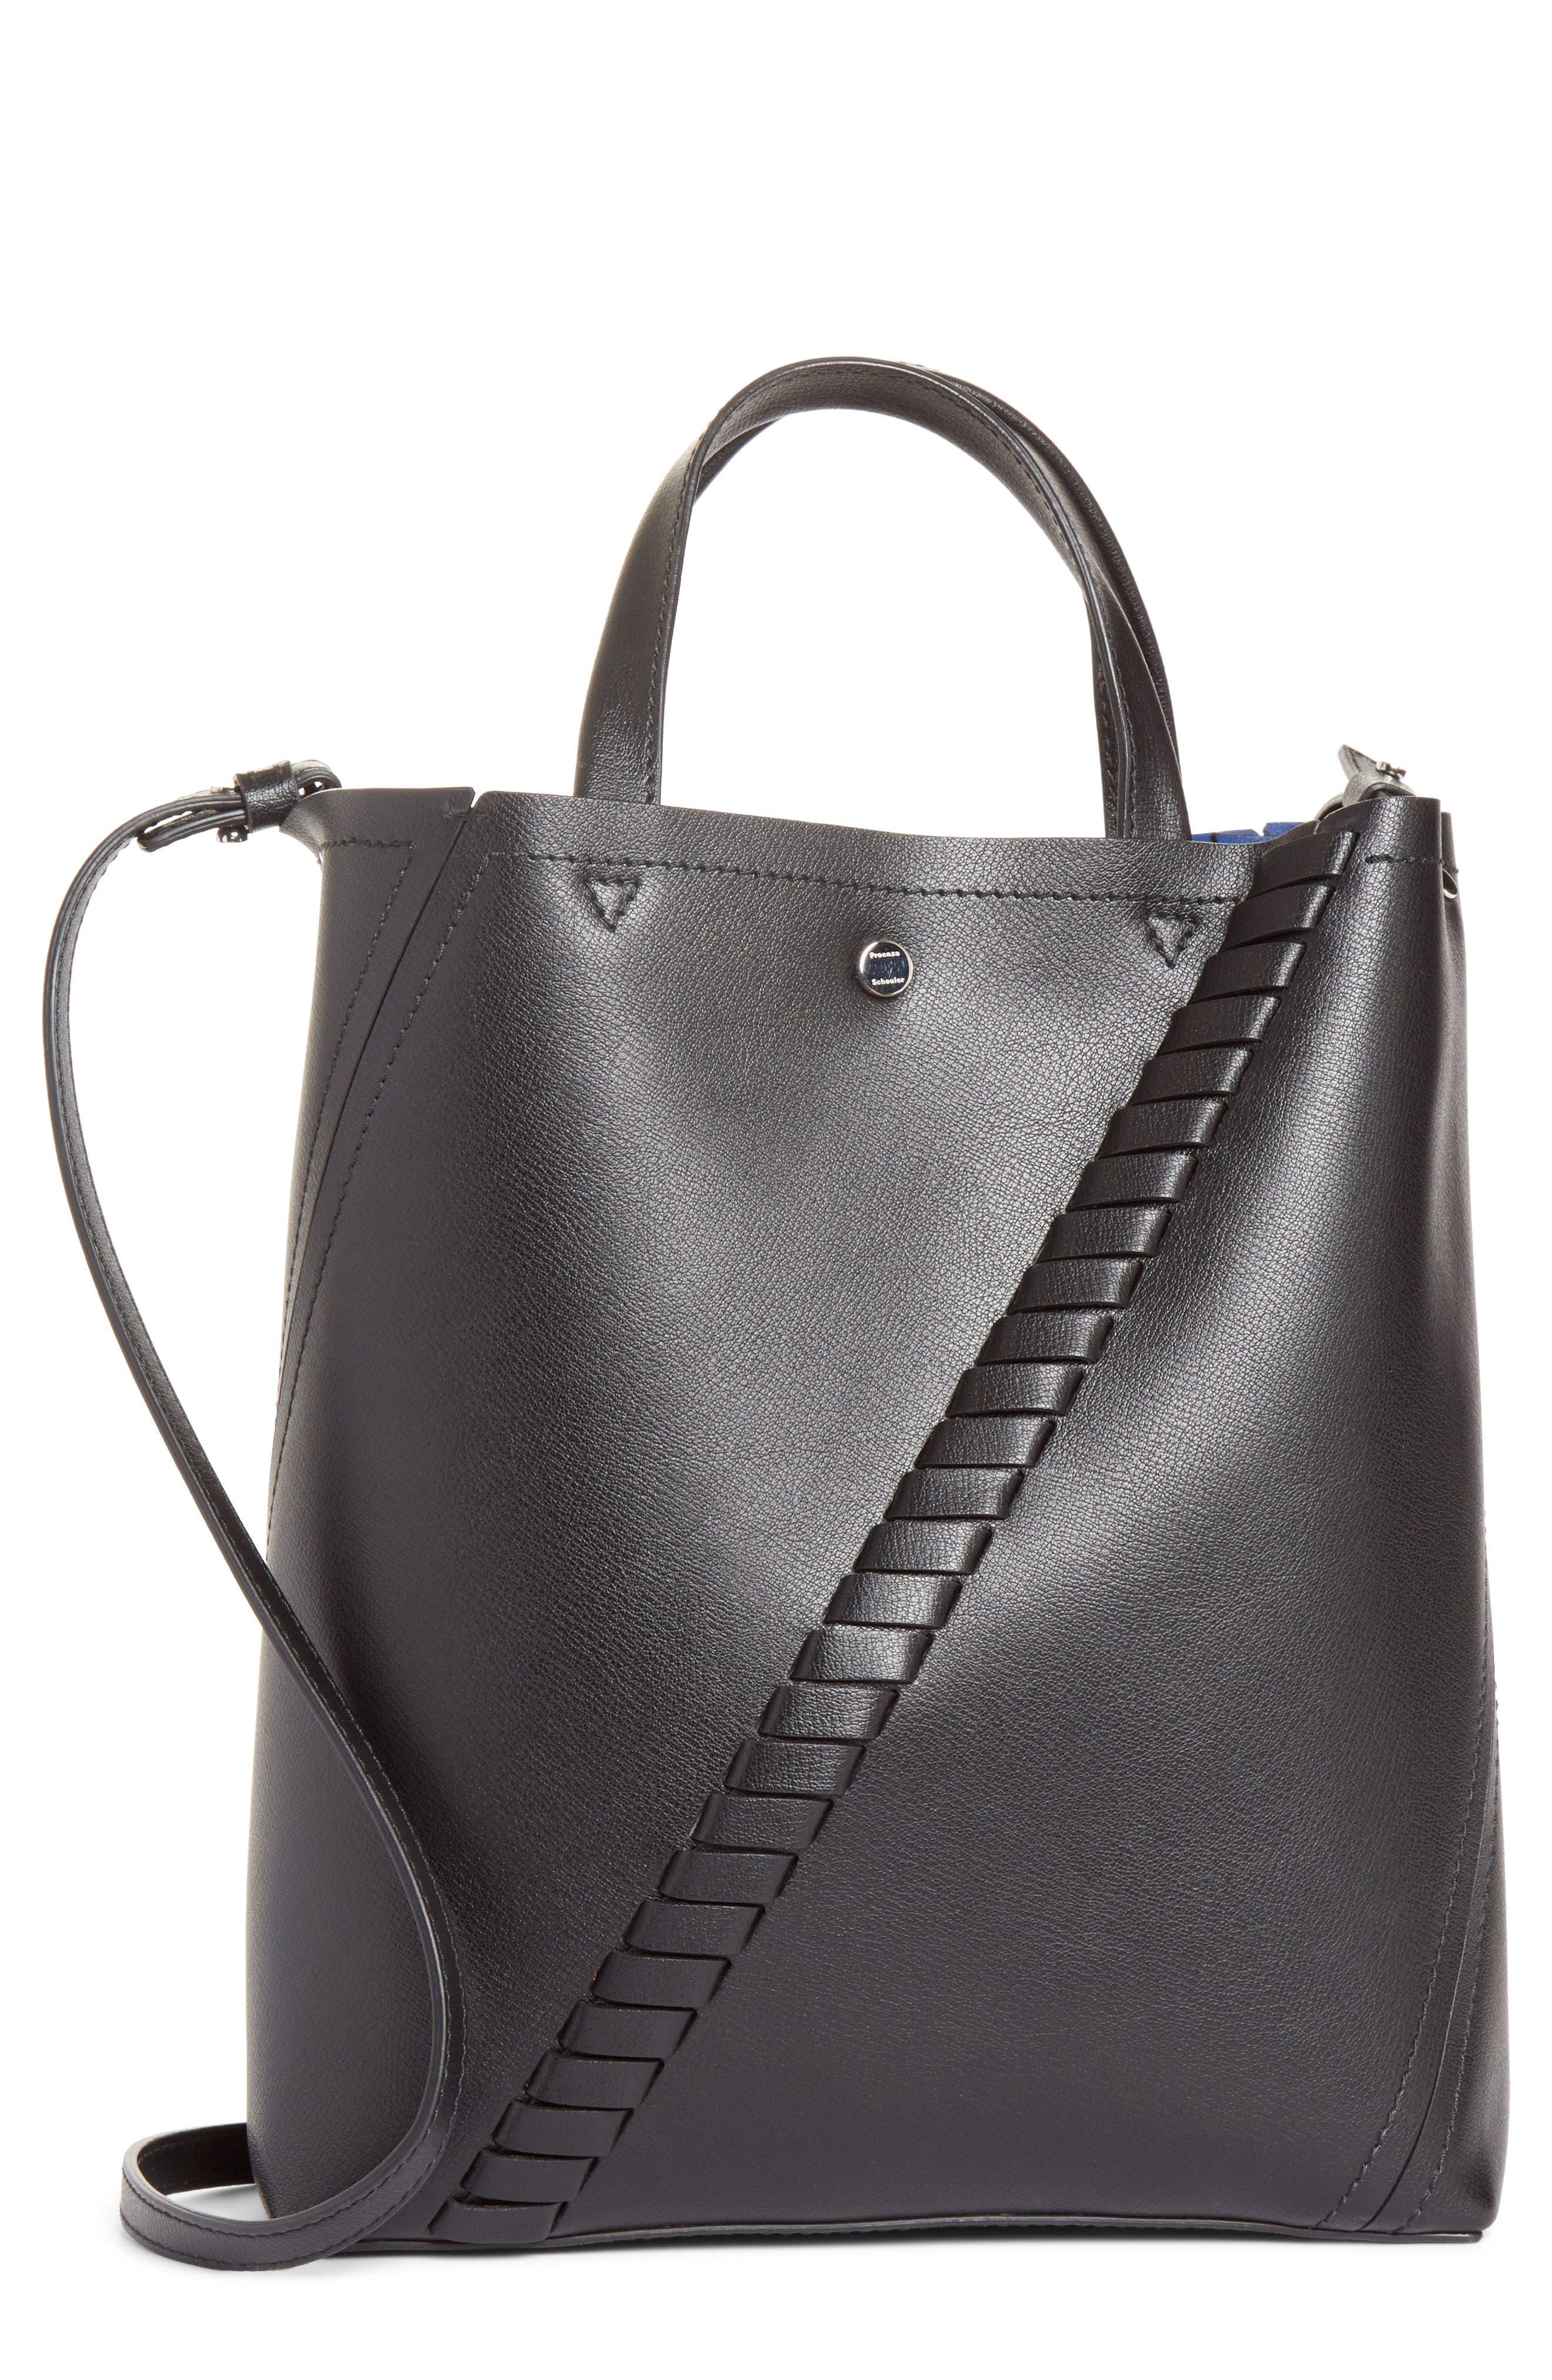 Main Image - Proenza Schouler Mini Hex Whipstitch Calfskin Leather Tote